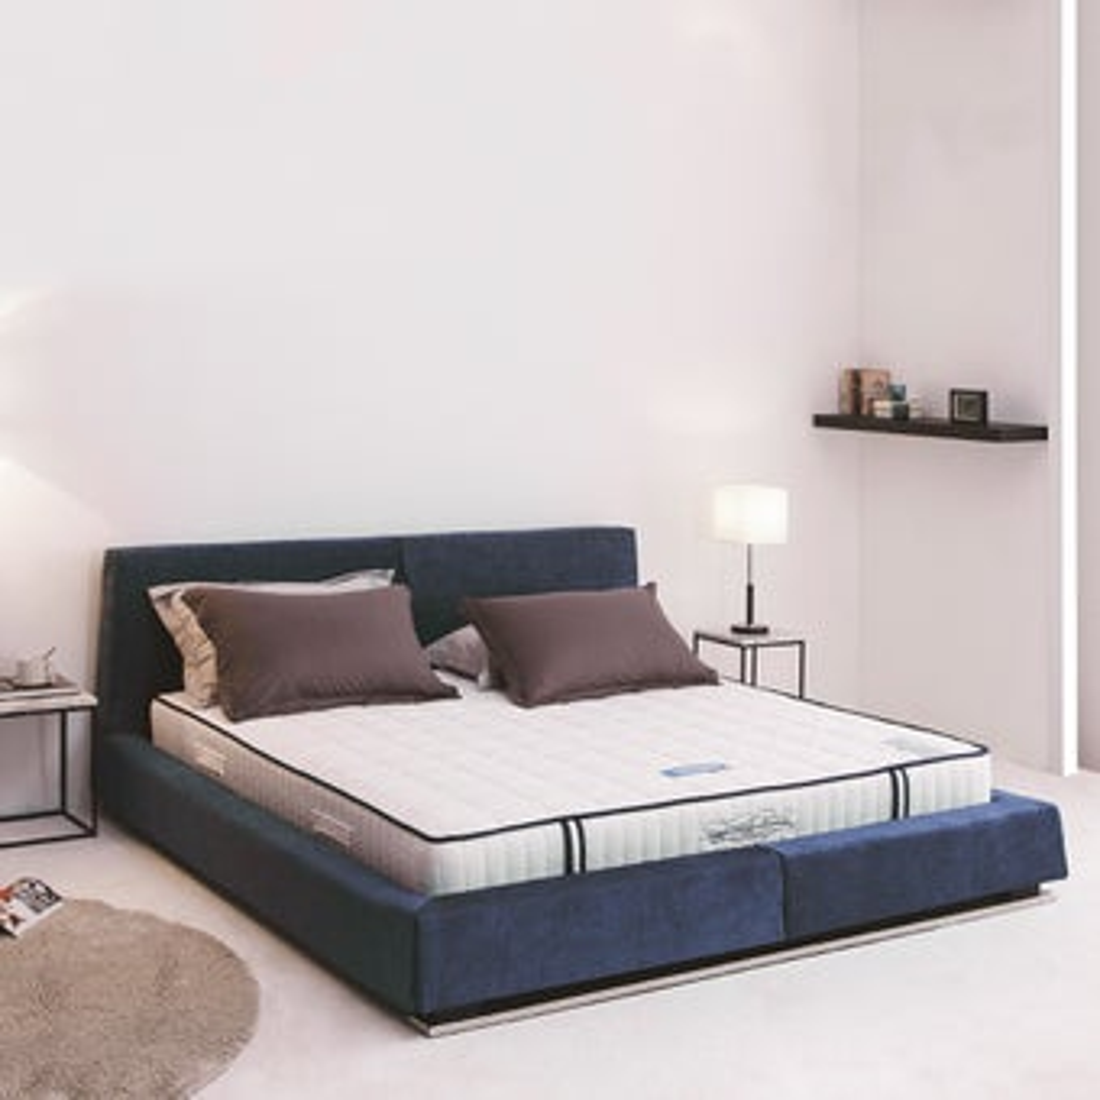 ที่นอน RESTONIC รุ่น REFLEX 3600 5 ฟุต พร้อมของแถม 5 รายการ ที่นอนสปริง ฟูก ที่นอนราคาพิเศษ-01